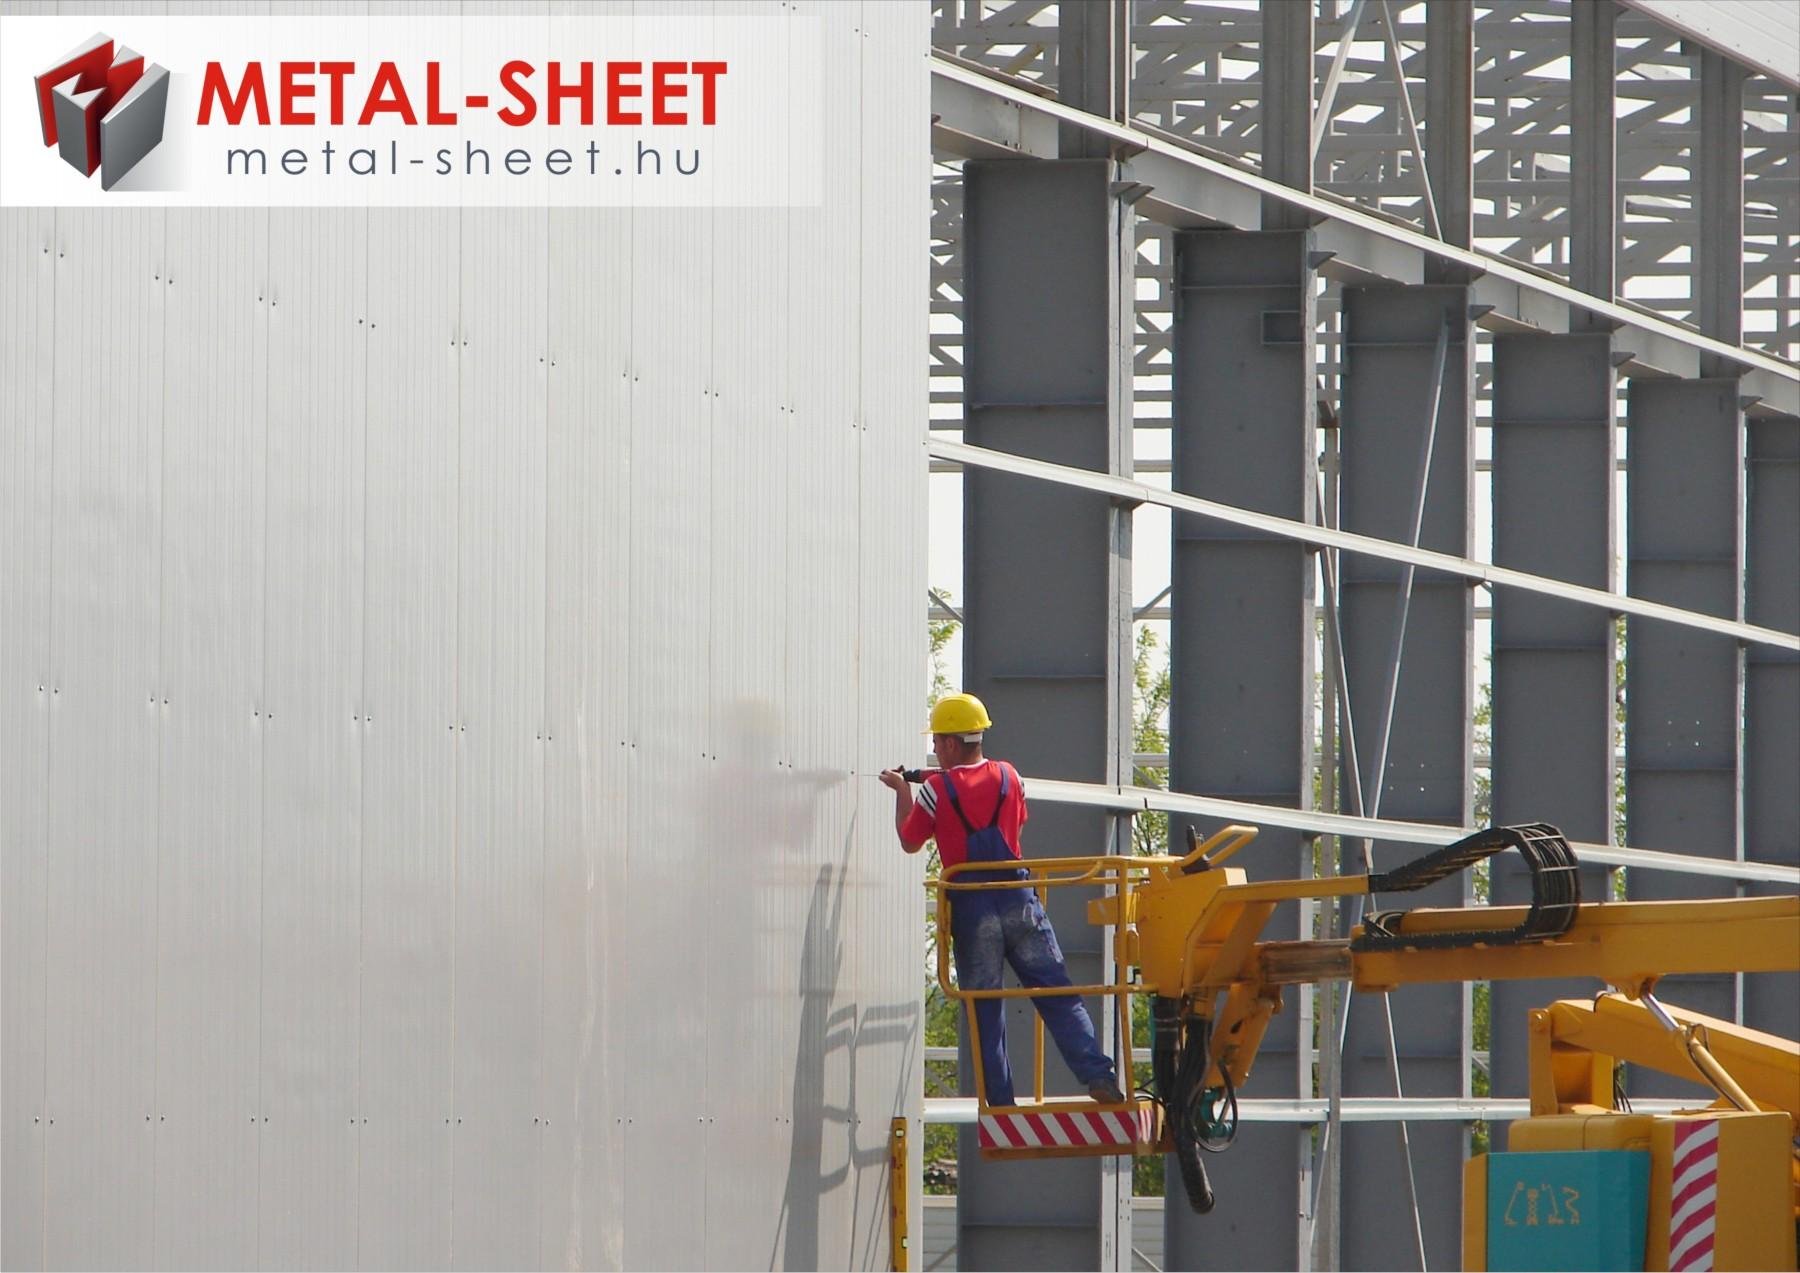 Metal-Sheet